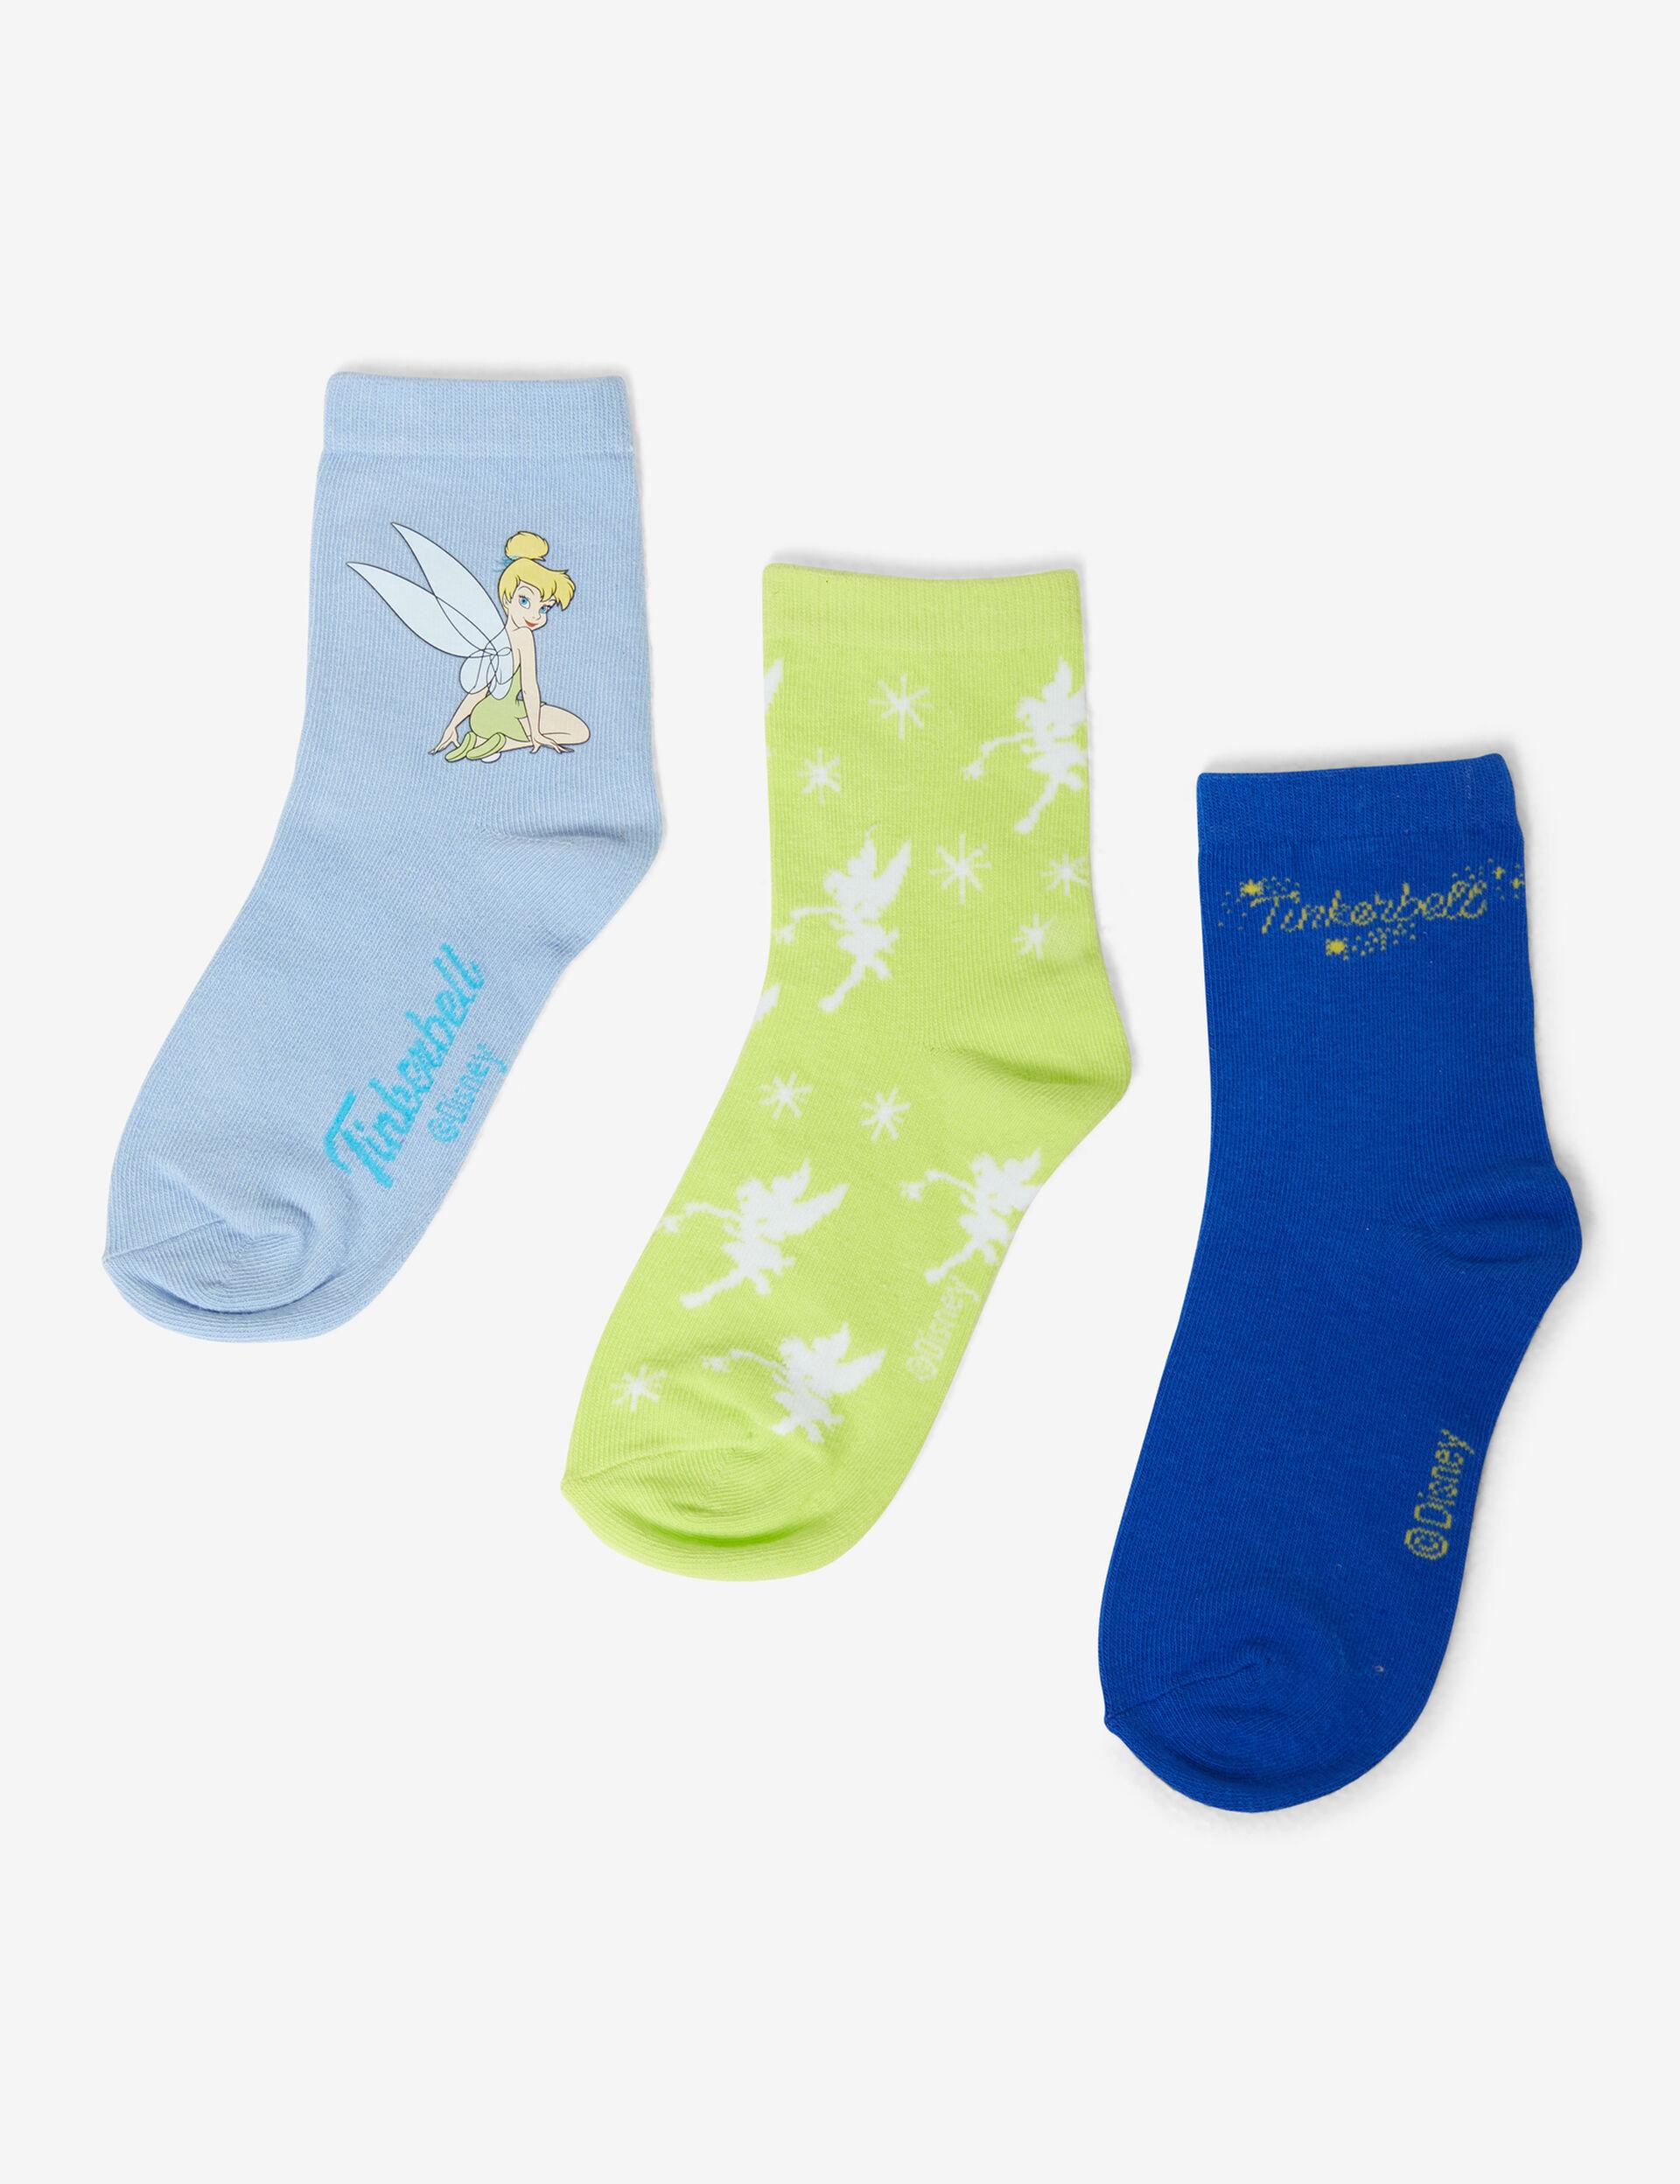 Peter Pan socks